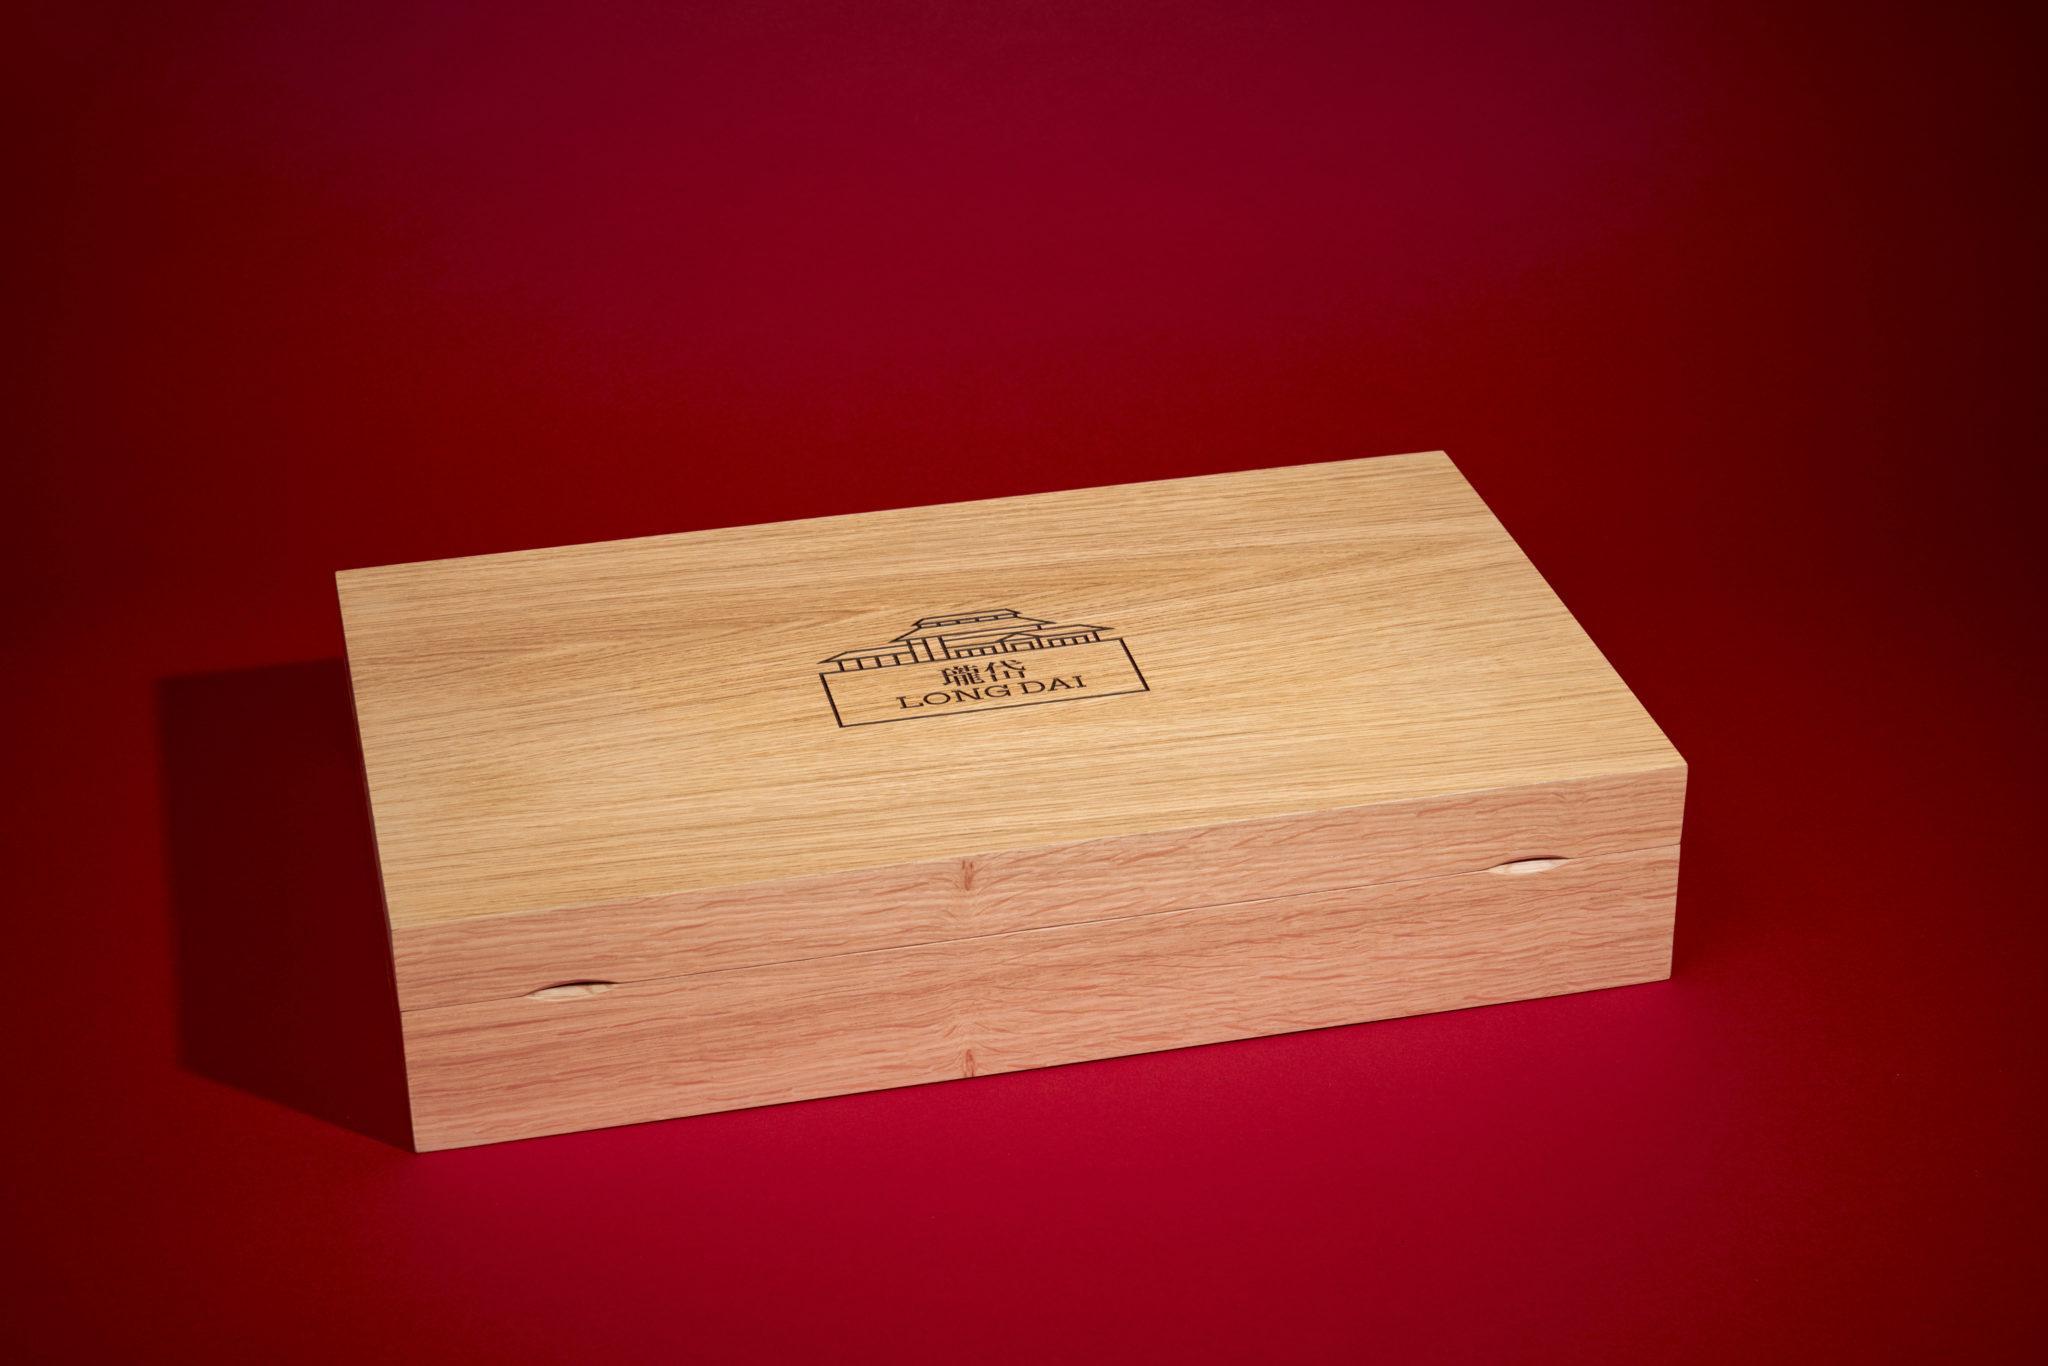 Photographie de caisses de vin